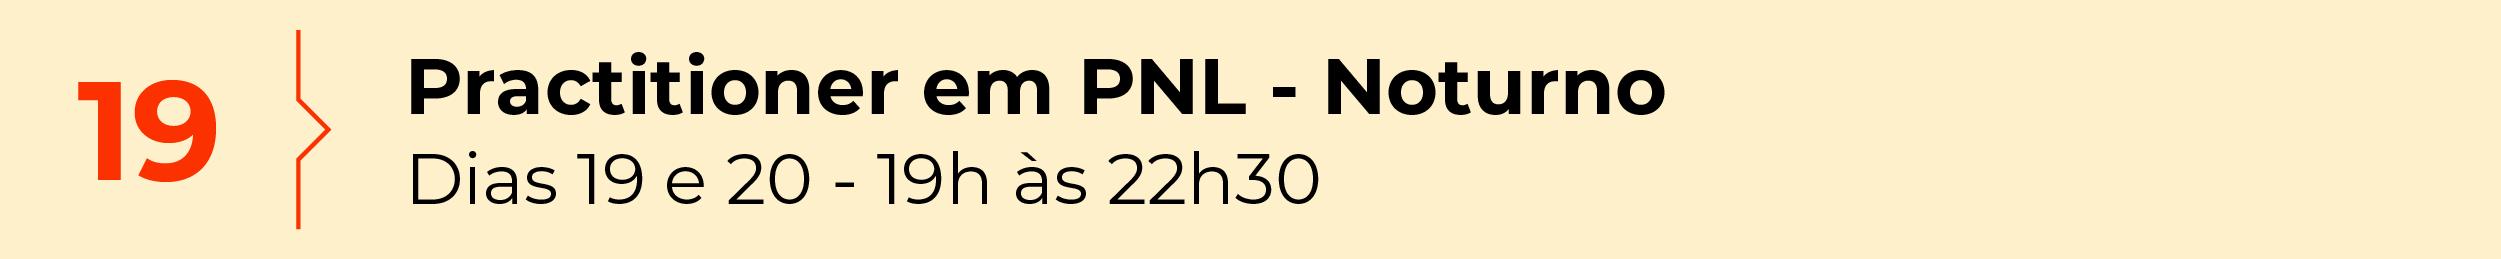 Practitioner em PNL - Noturno